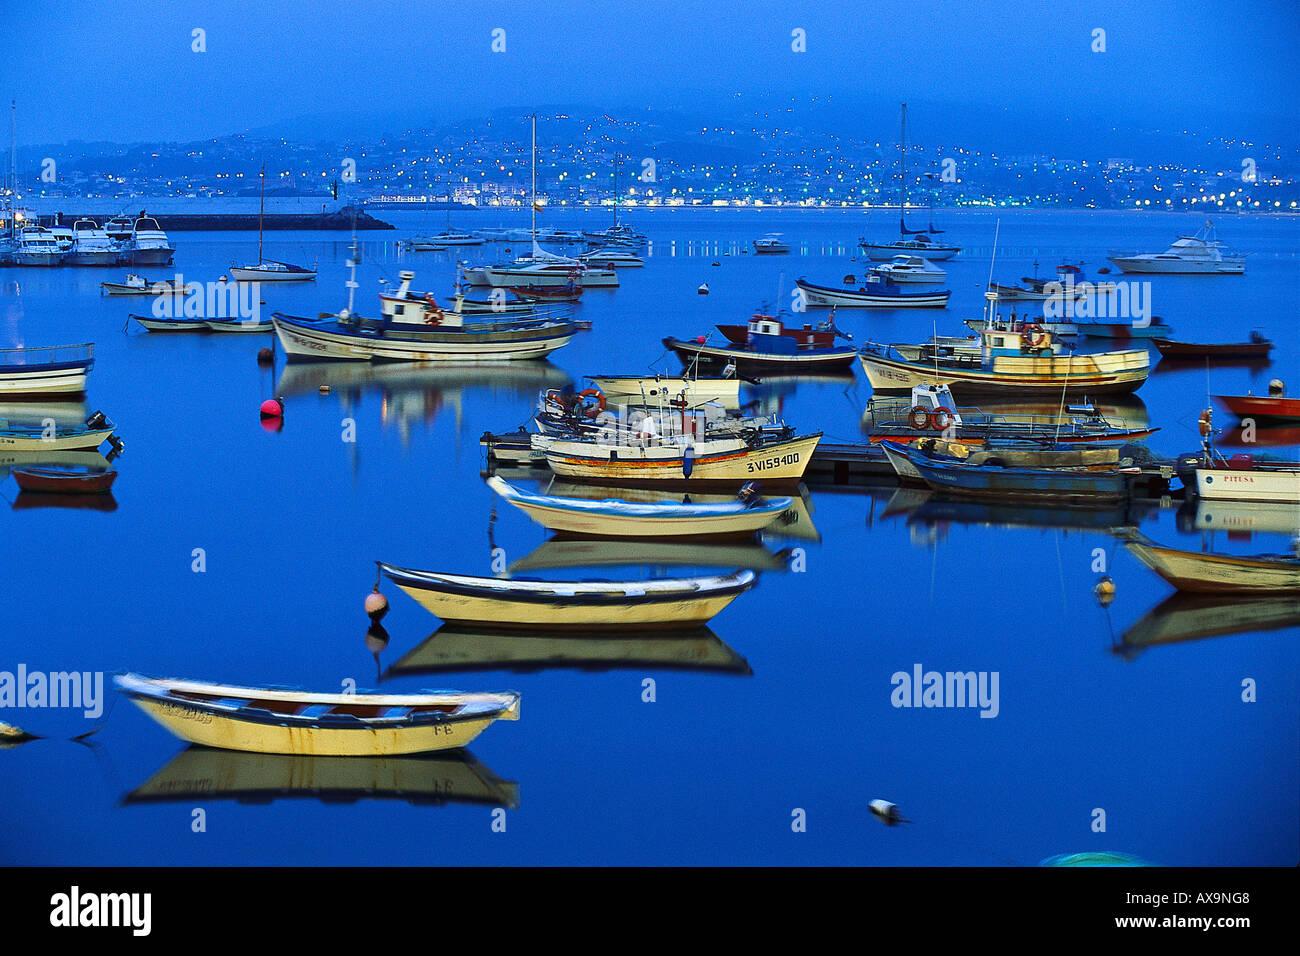 Los barcos de pesca en el puerto por la noche, a la Ría de Baiona, Pontevedra, Galicia, España Imagen De Stock